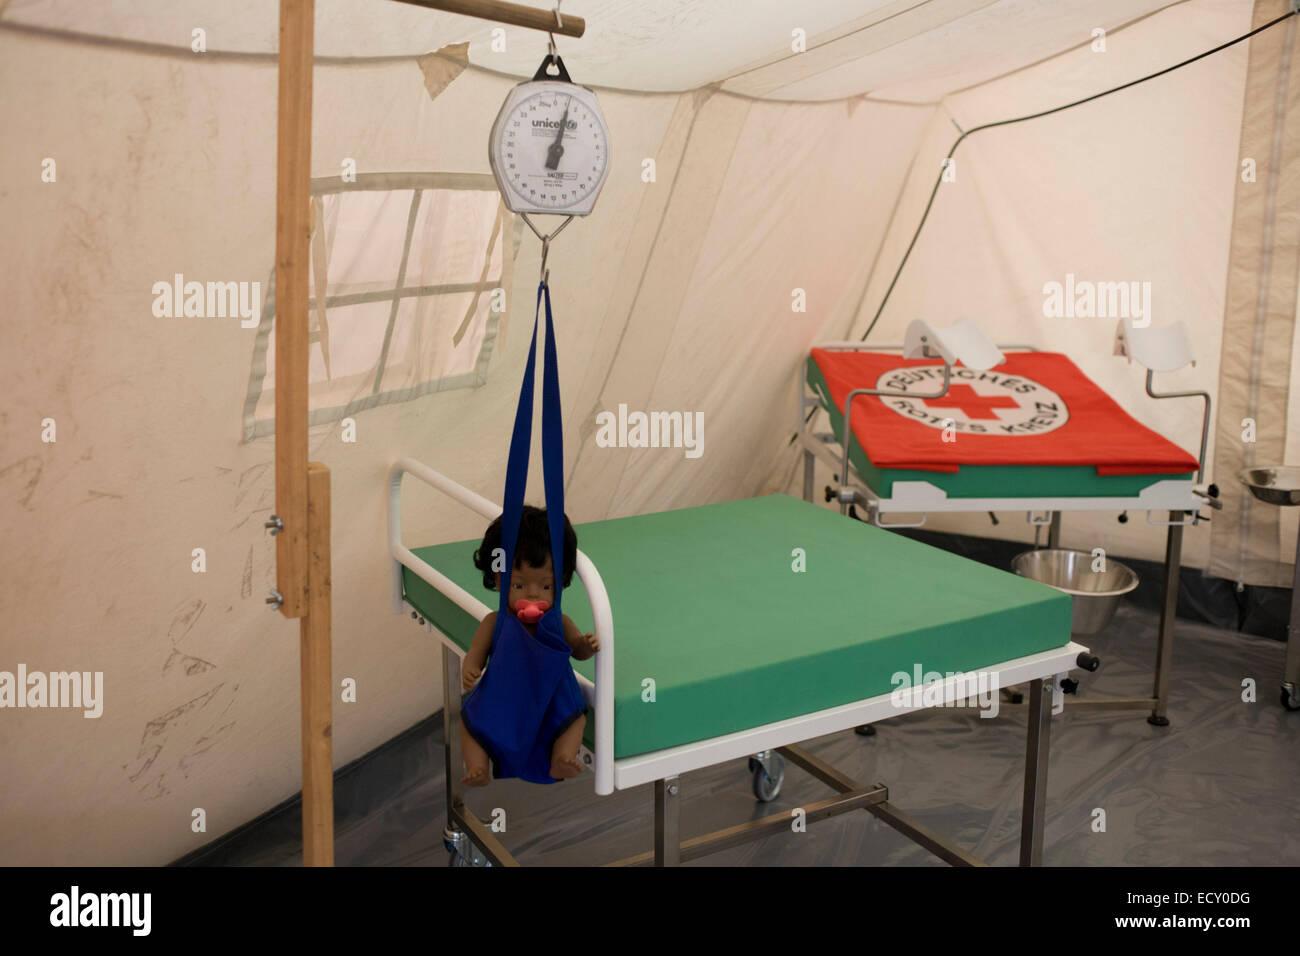 bb42da059 Tienda de maternidad mock-up en el almacén de suministros de emergencia